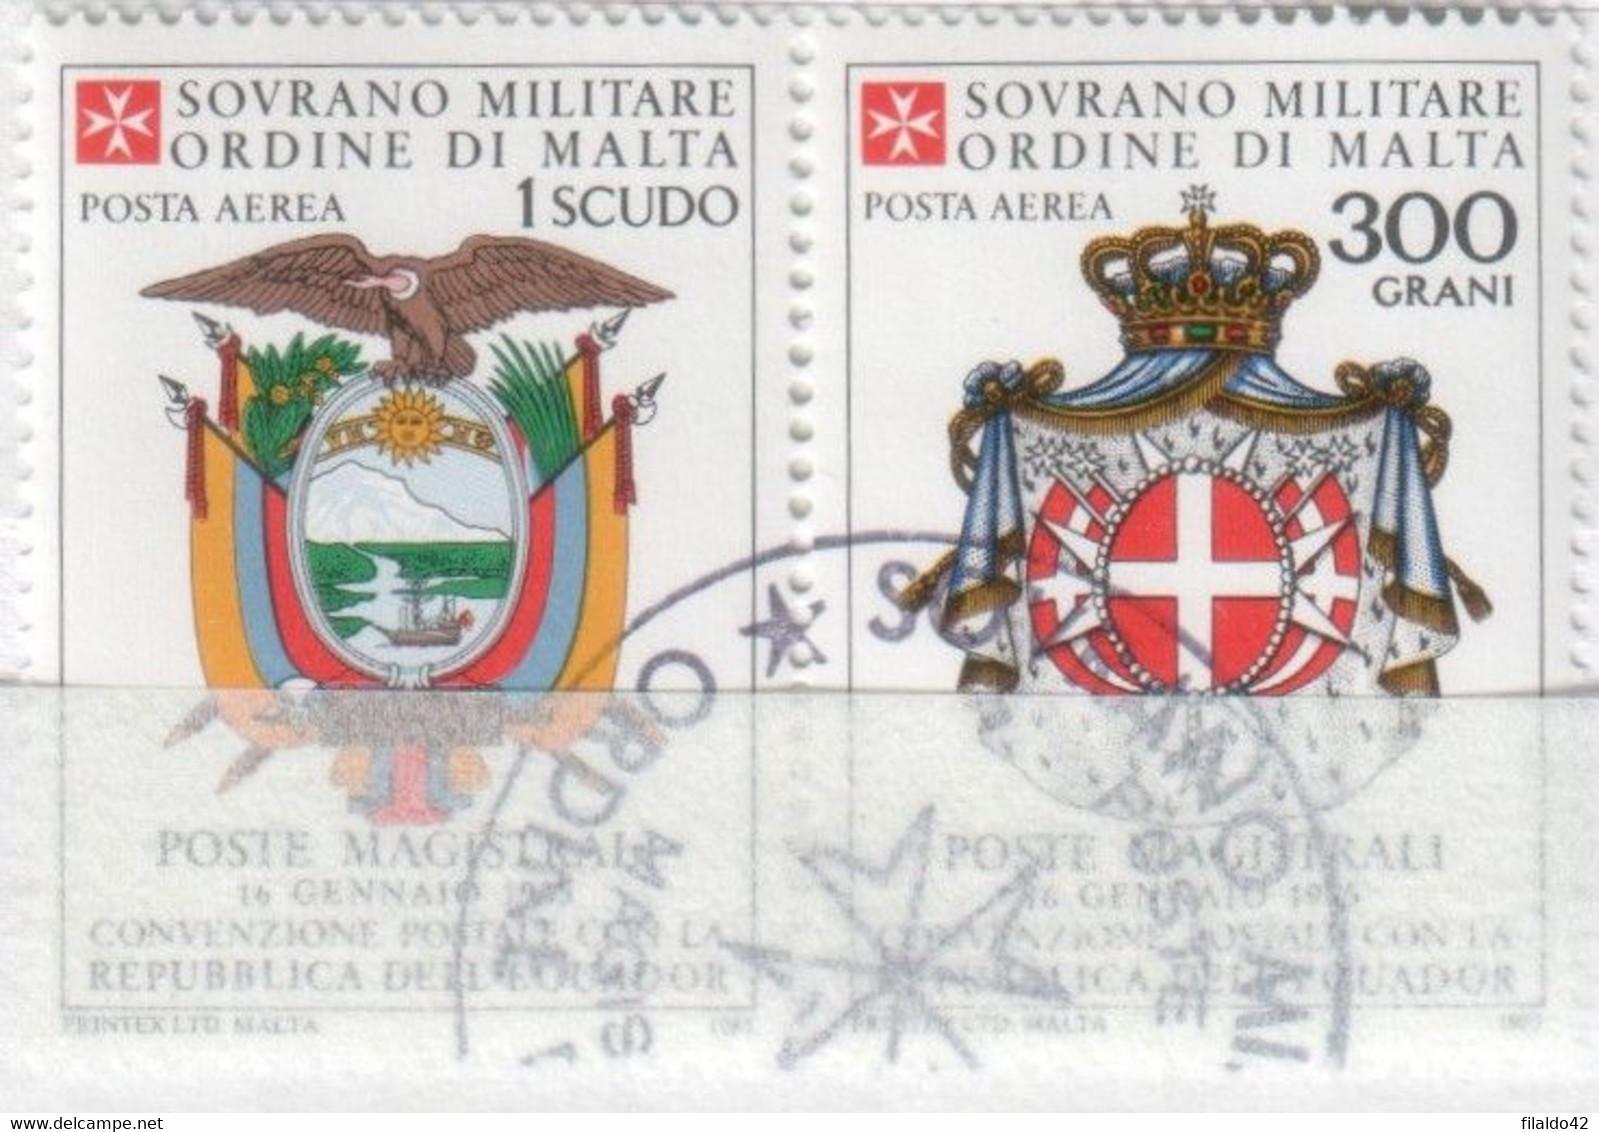 SMOM - 1985 Usato - AEREA Convenzione Postale Con L'Ecuador S. Cpl 2v Uniti (rif. A17/A18 Cat. Unificato) - Malte (Ordre De)